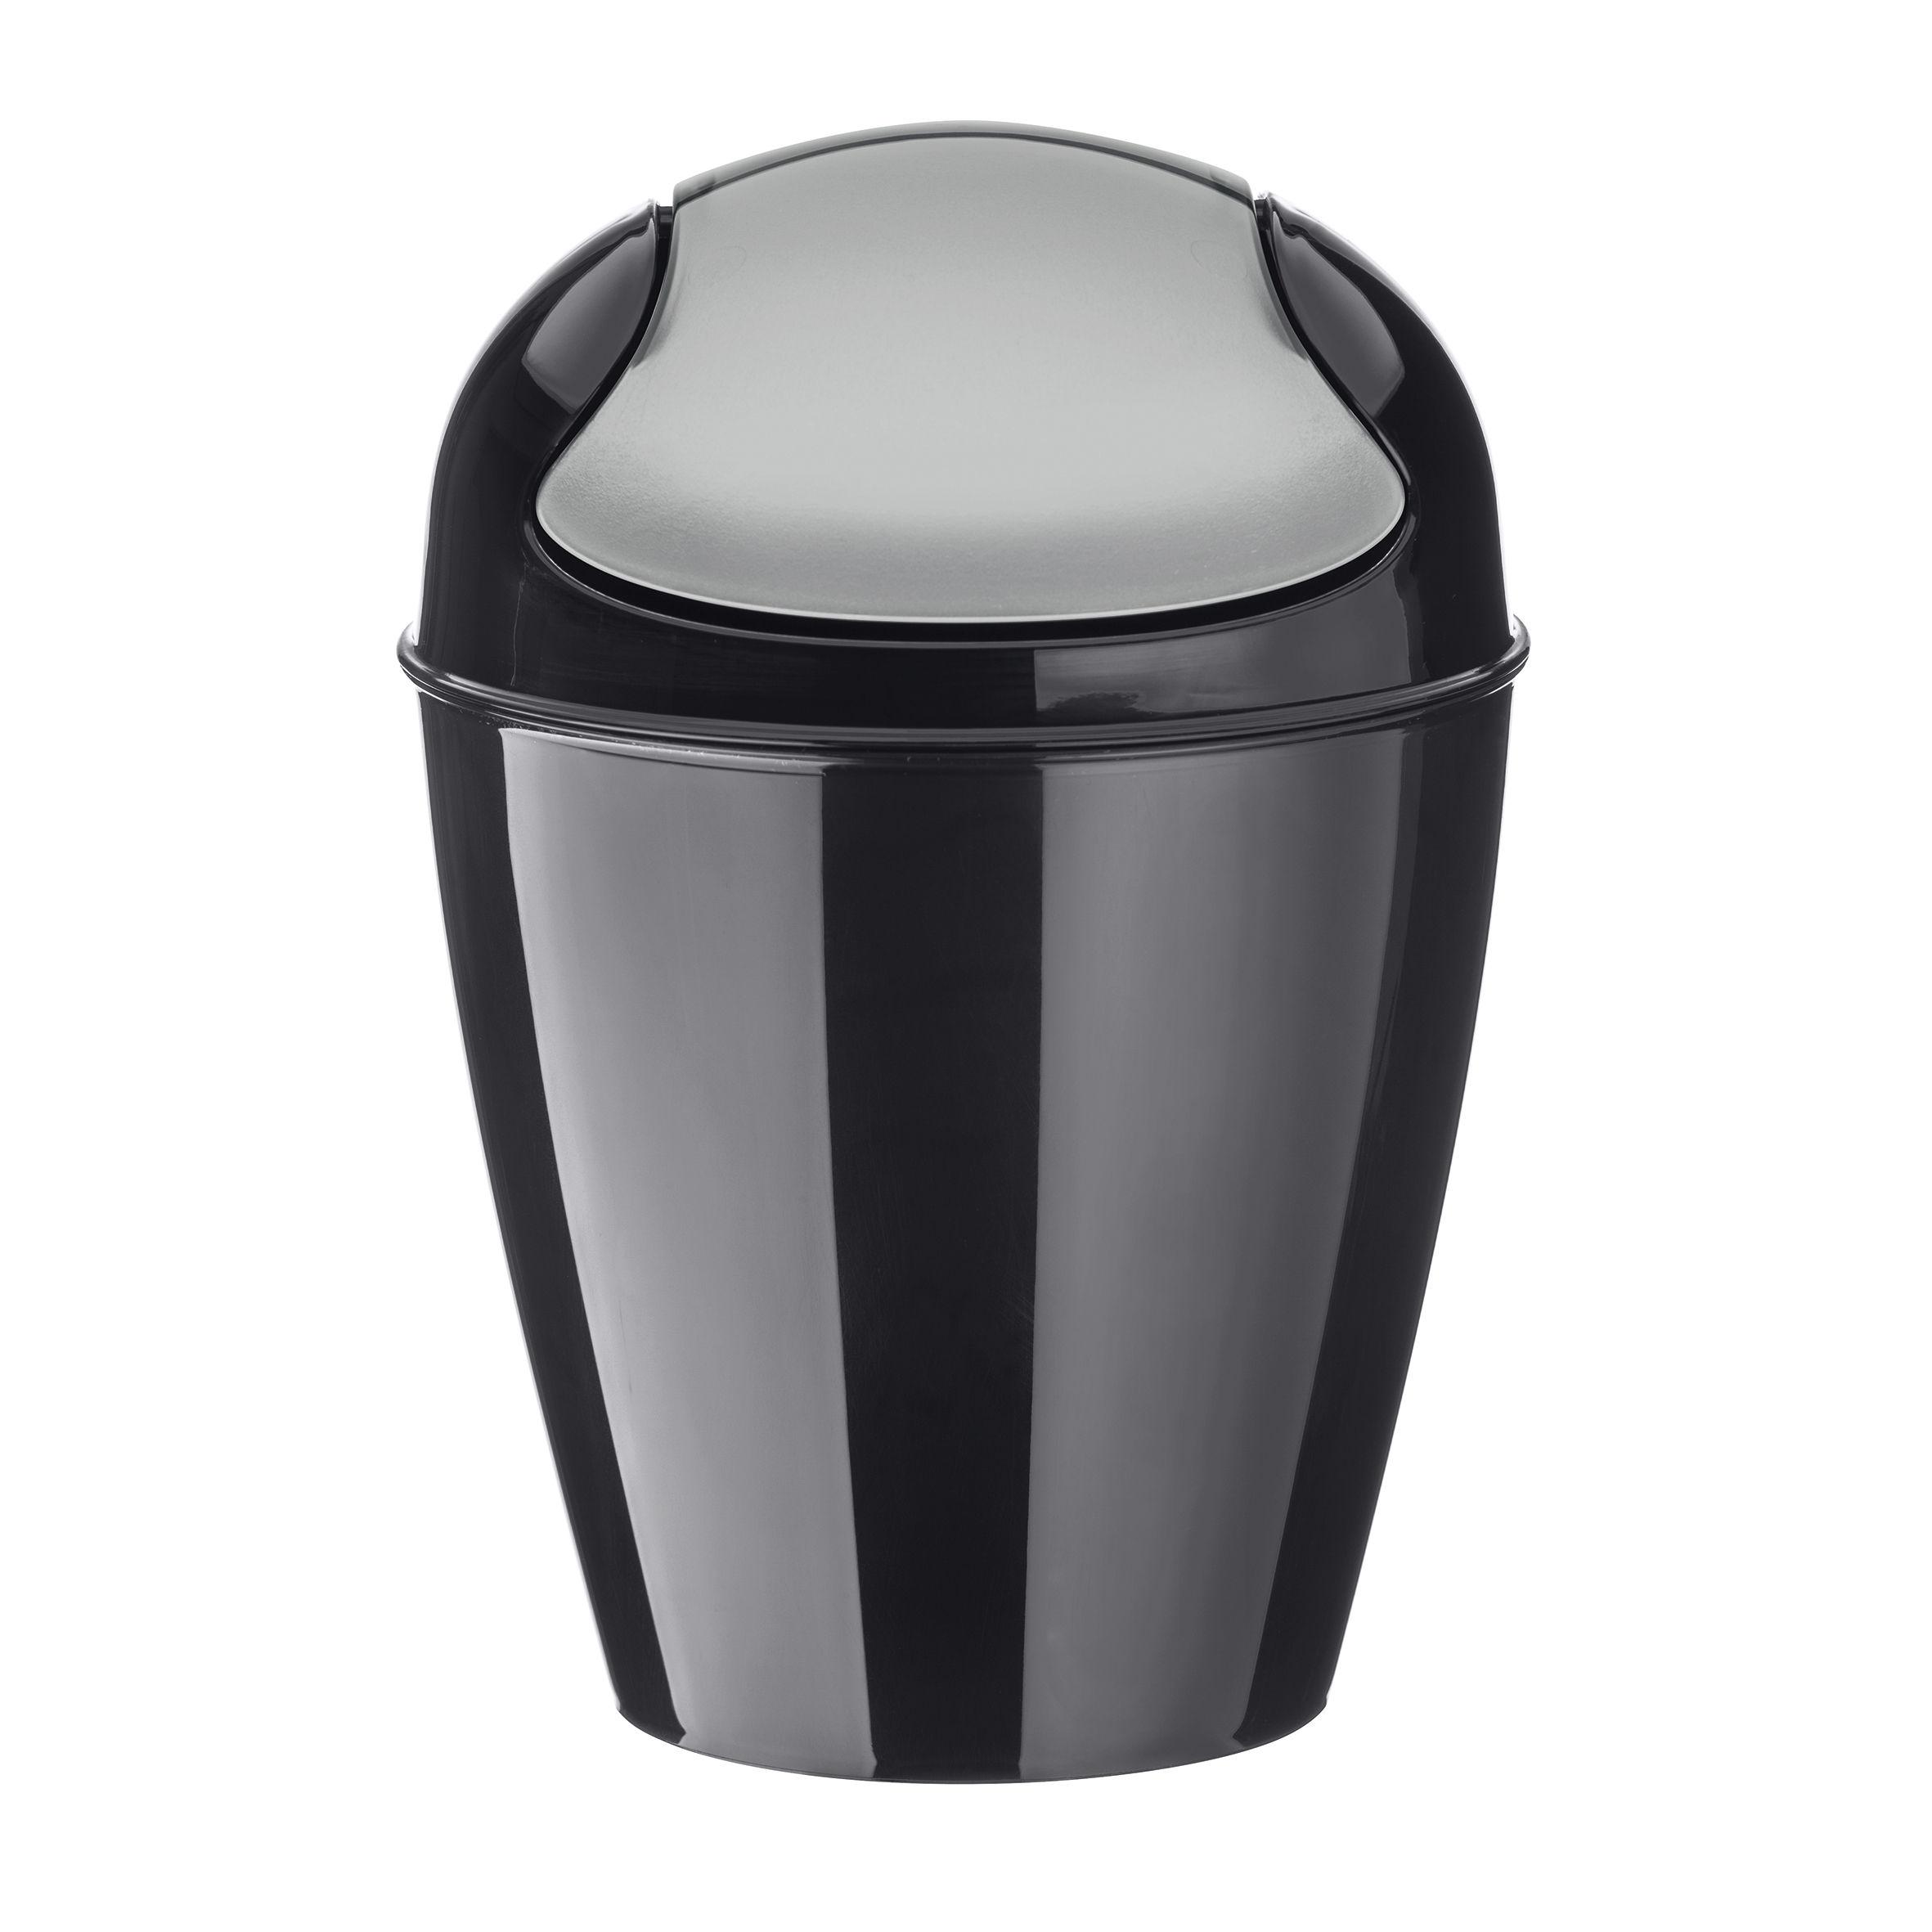 poubelle de table del xxs h 18 7 cm 0 9 litres noir koziol. Black Bedroom Furniture Sets. Home Design Ideas